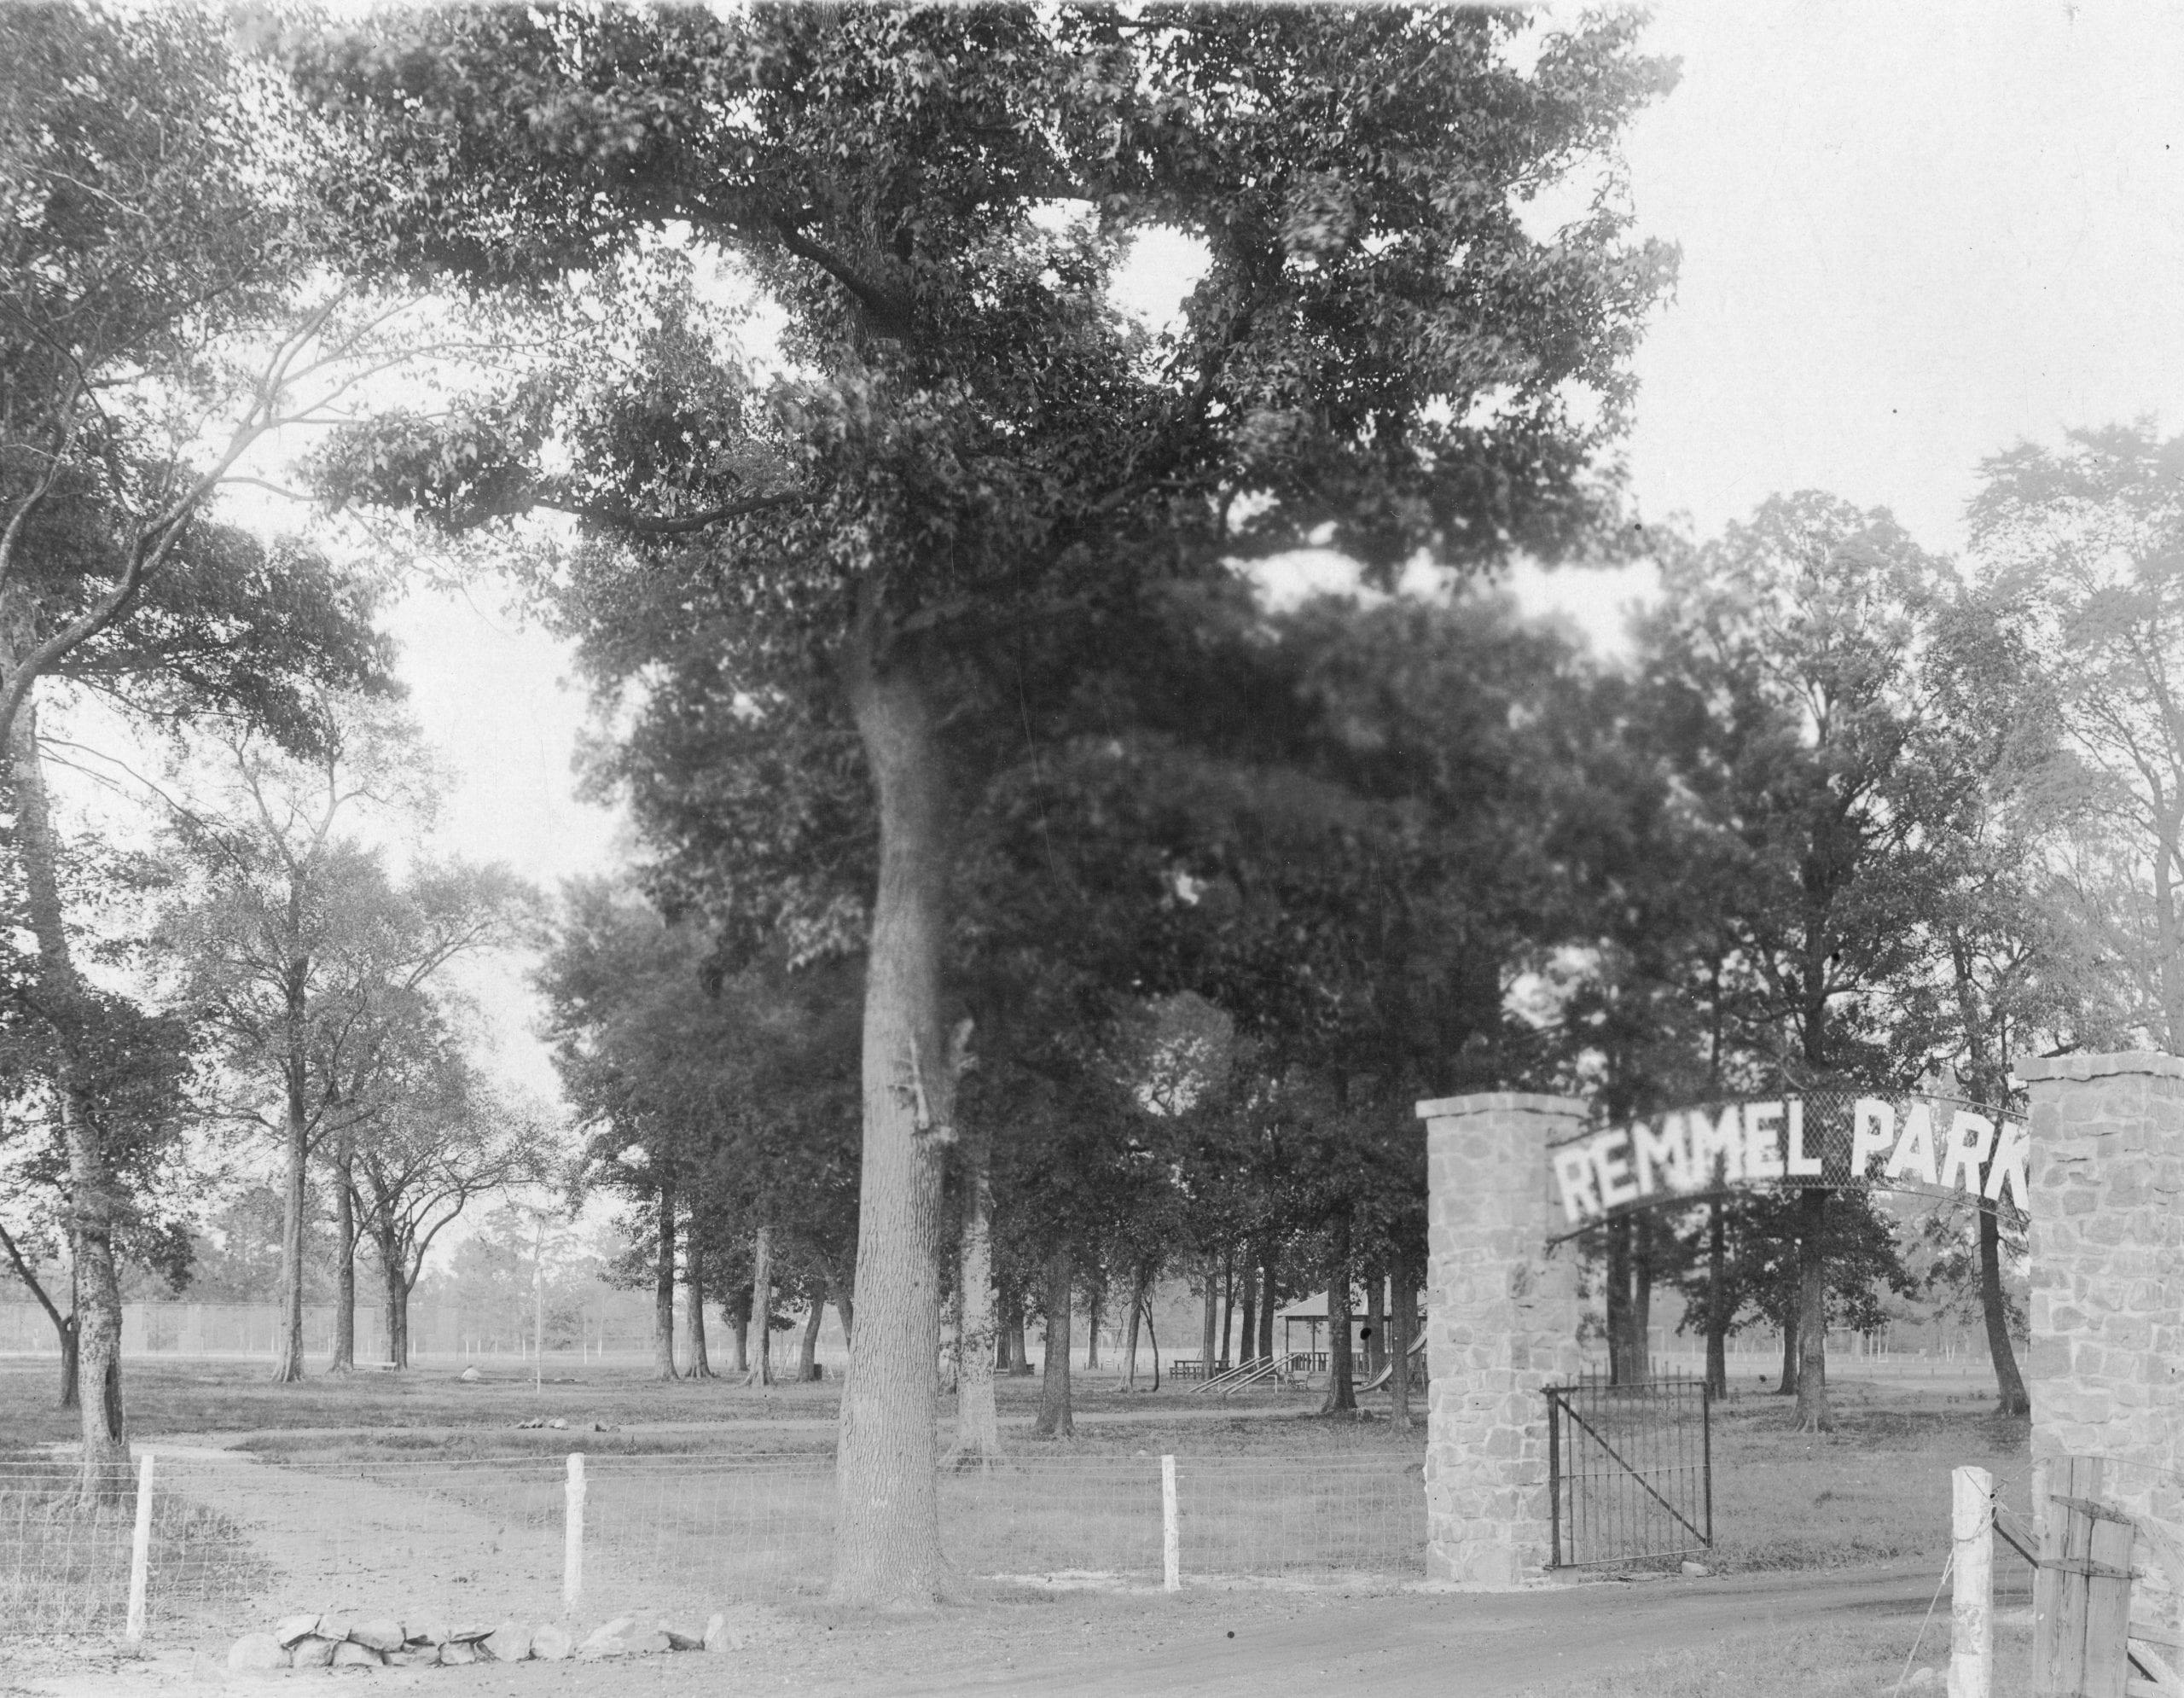 1930's – Remmel Park